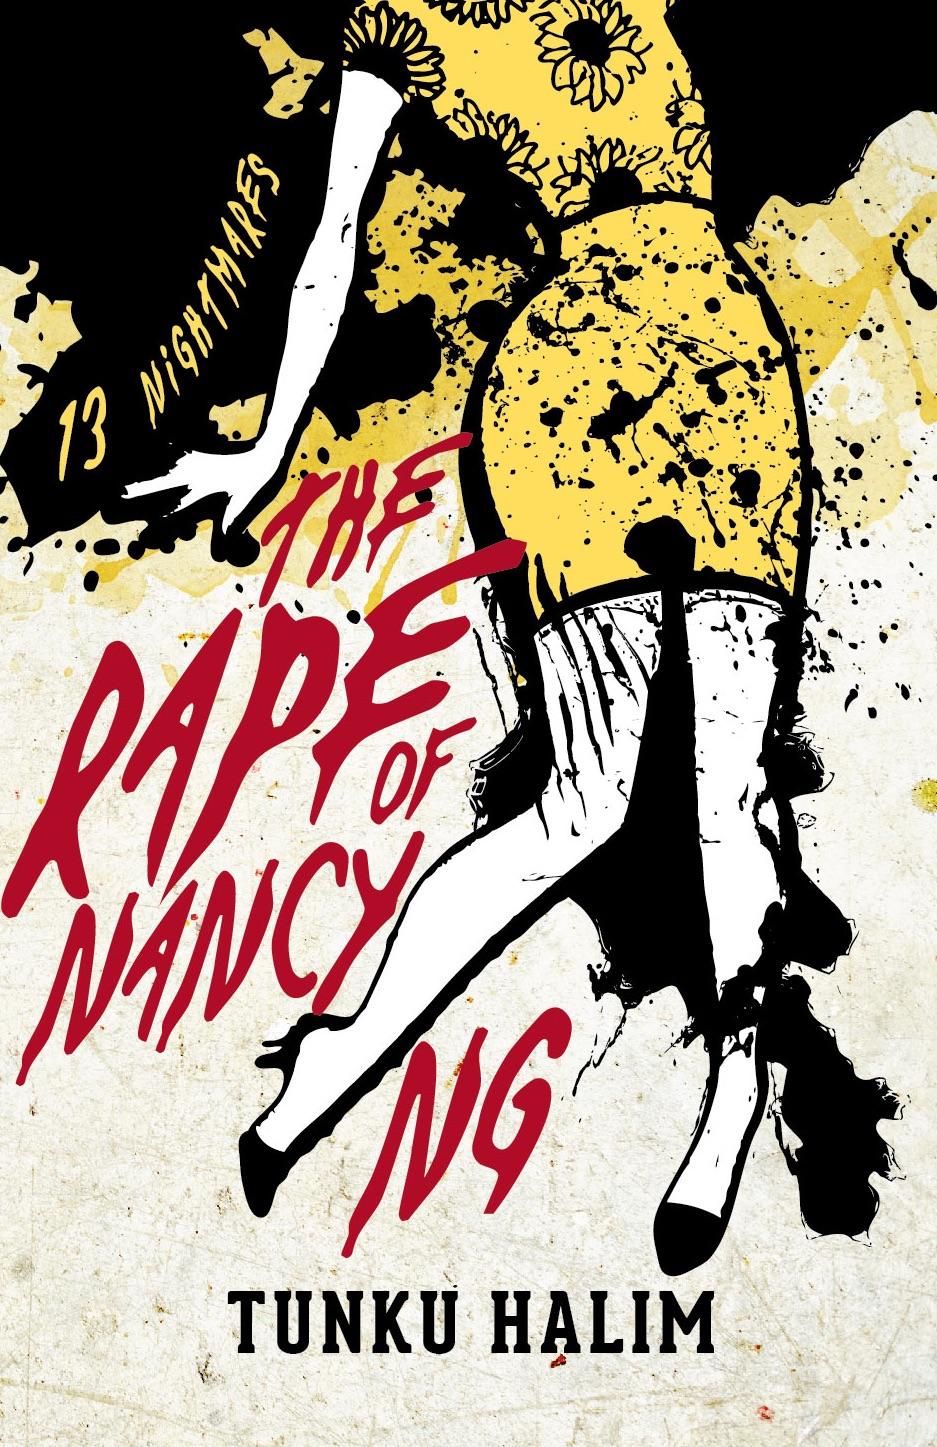 THE RAPE OF NANCY NG: 13 NIGHTMARES